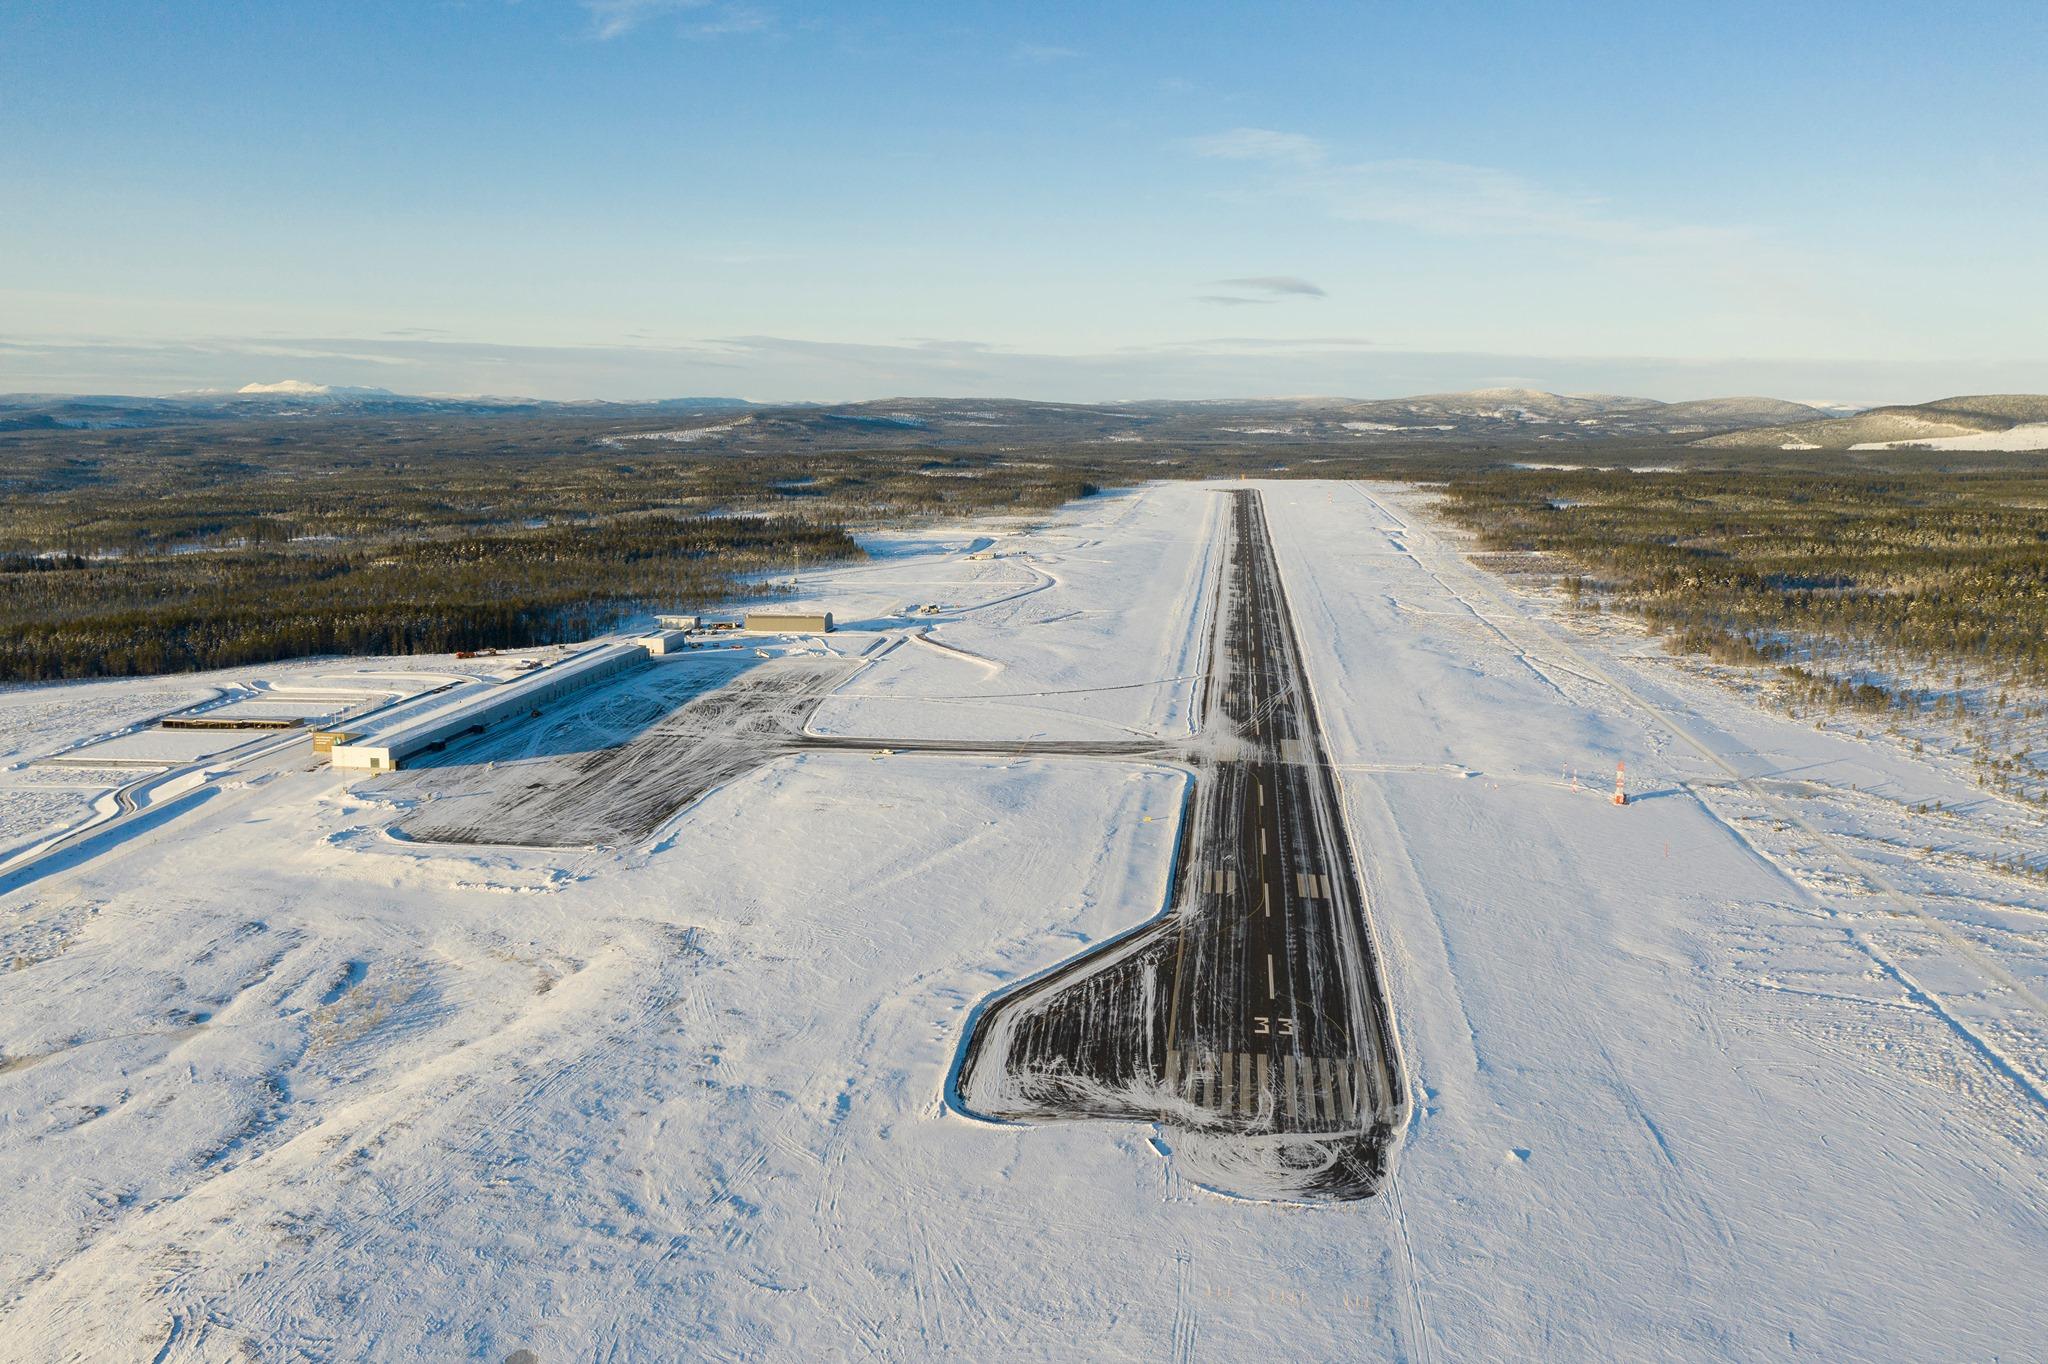 Scandinavian Mountains Airport i et sneklædt landskab. (Foto: Scandinavian Mountains Airport | Facebook)